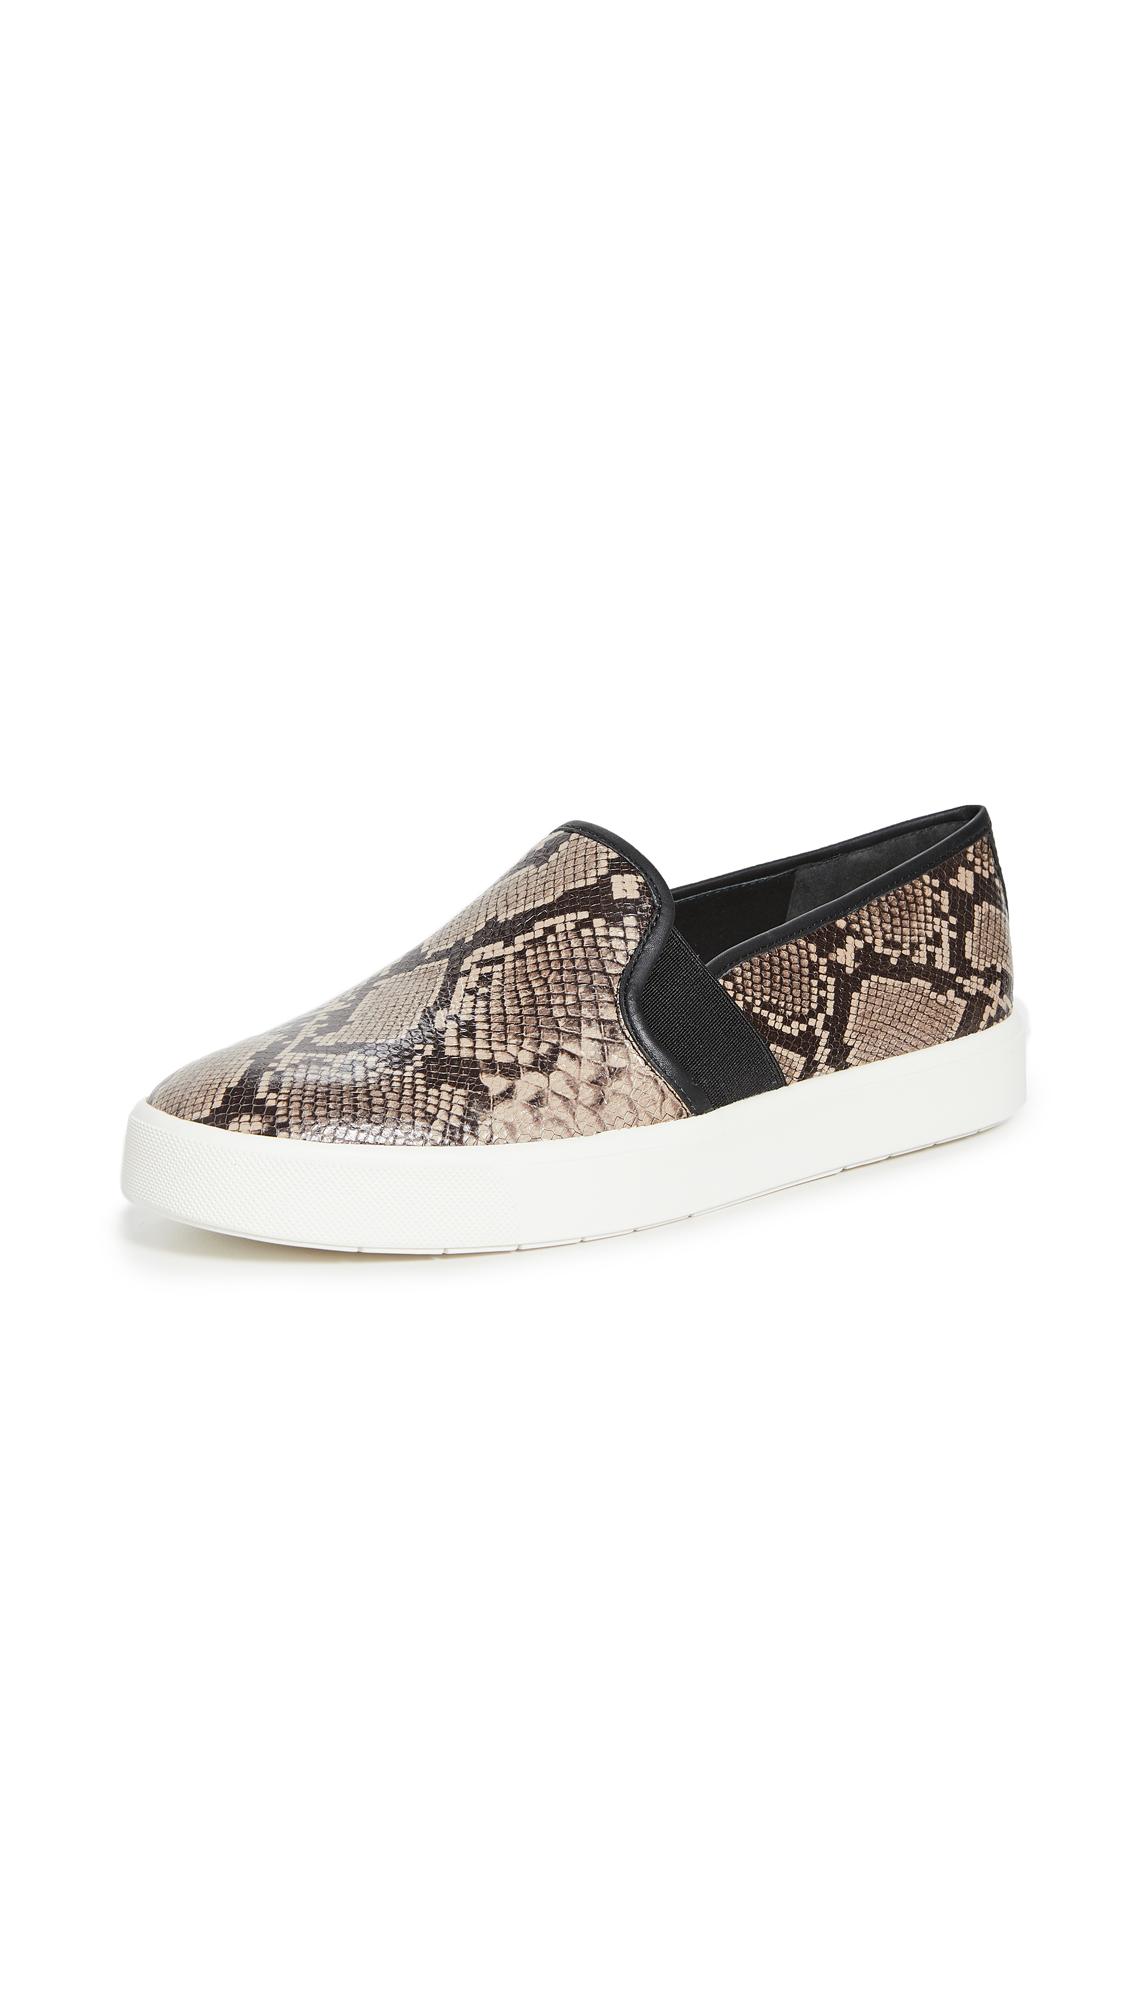 Buy Vince Blair 5 Sneakers online, shop Vince